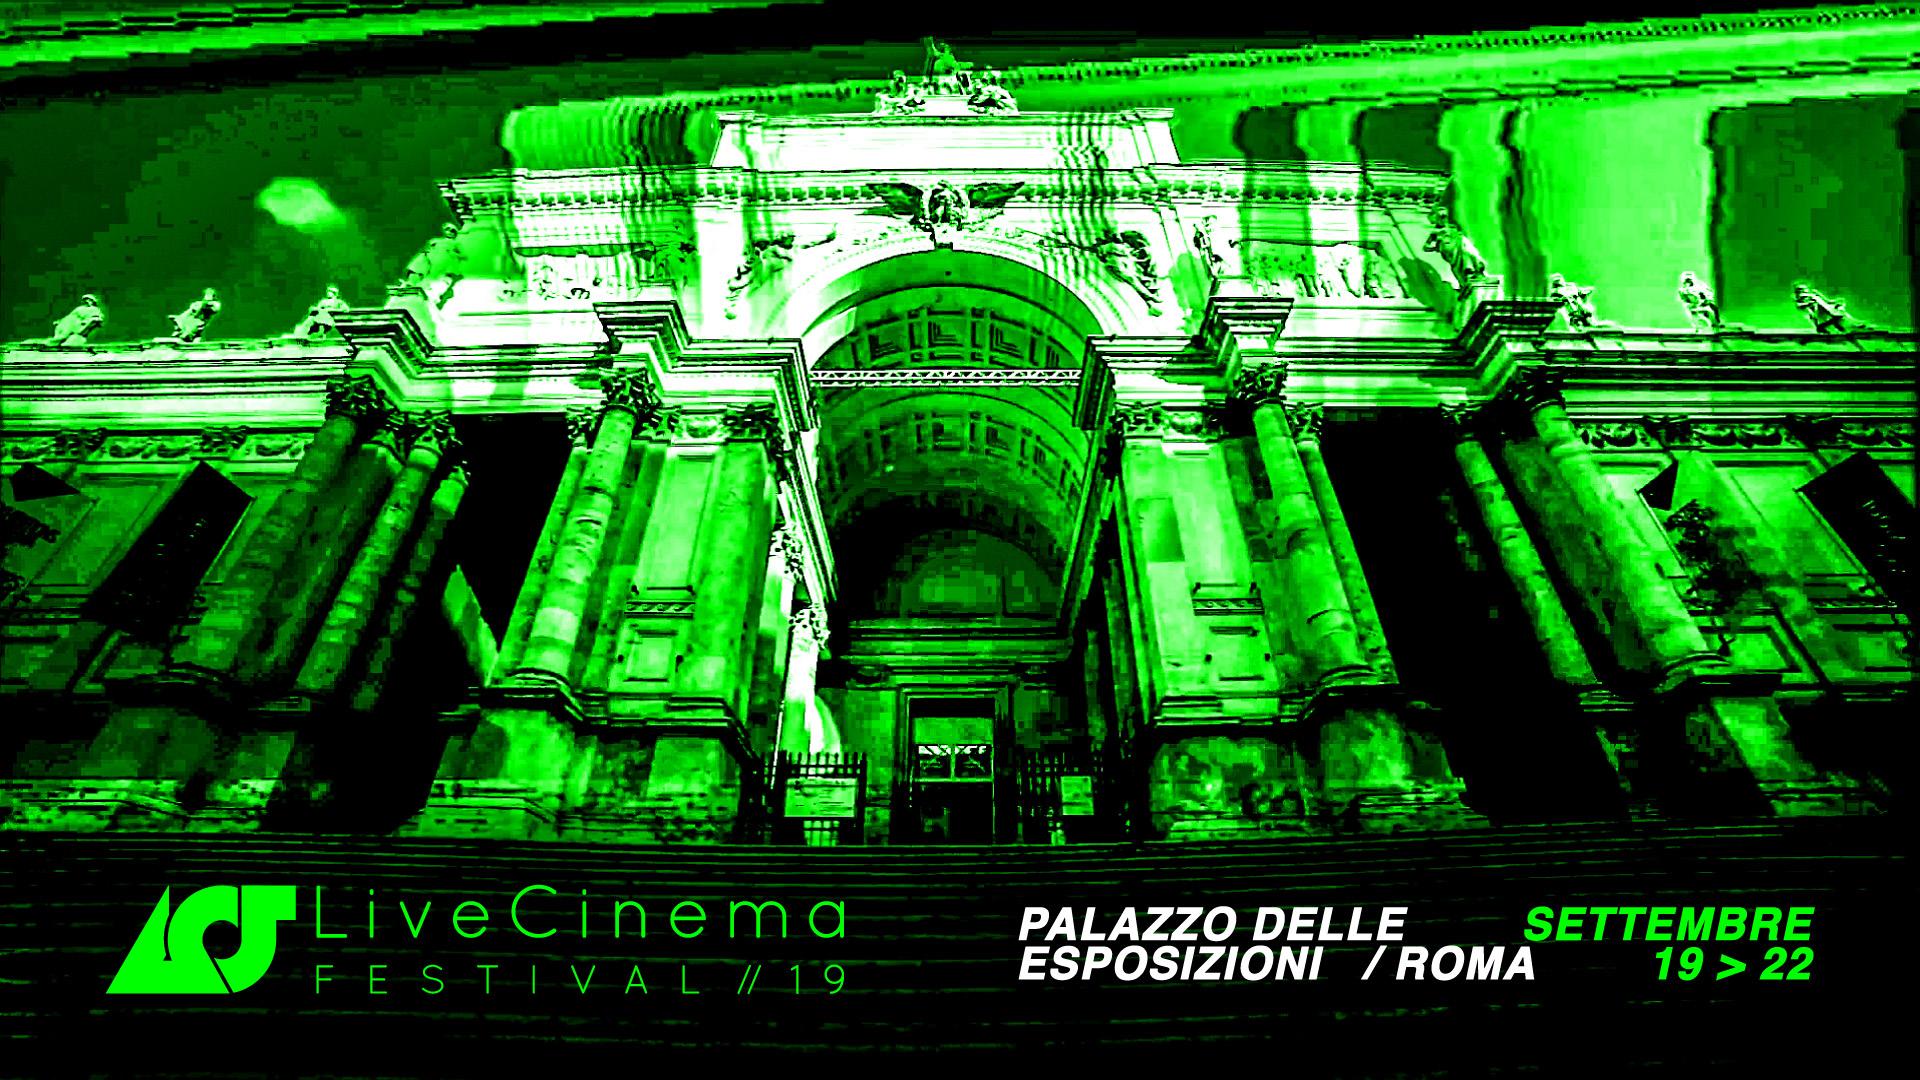 Live Cinema Festival 2019 al Palazzo delle Esposizioni di Roma